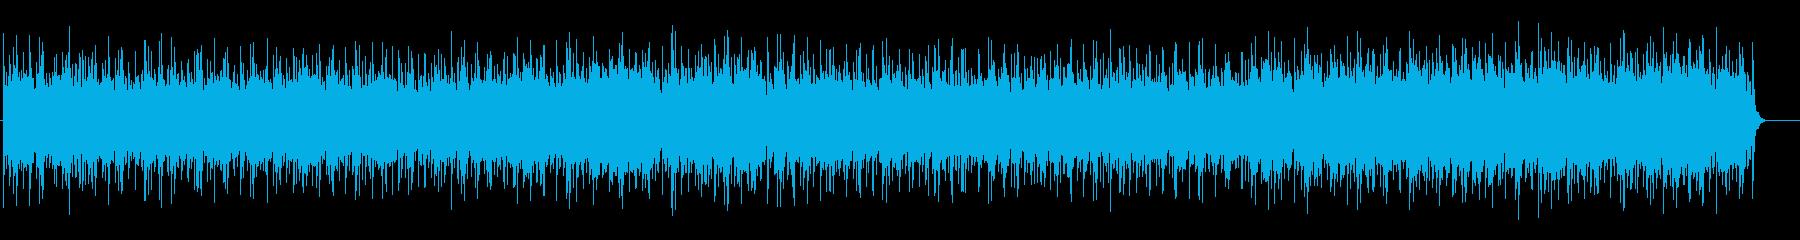 素朴なフォークポップス(フルサイズ)の再生済みの波形